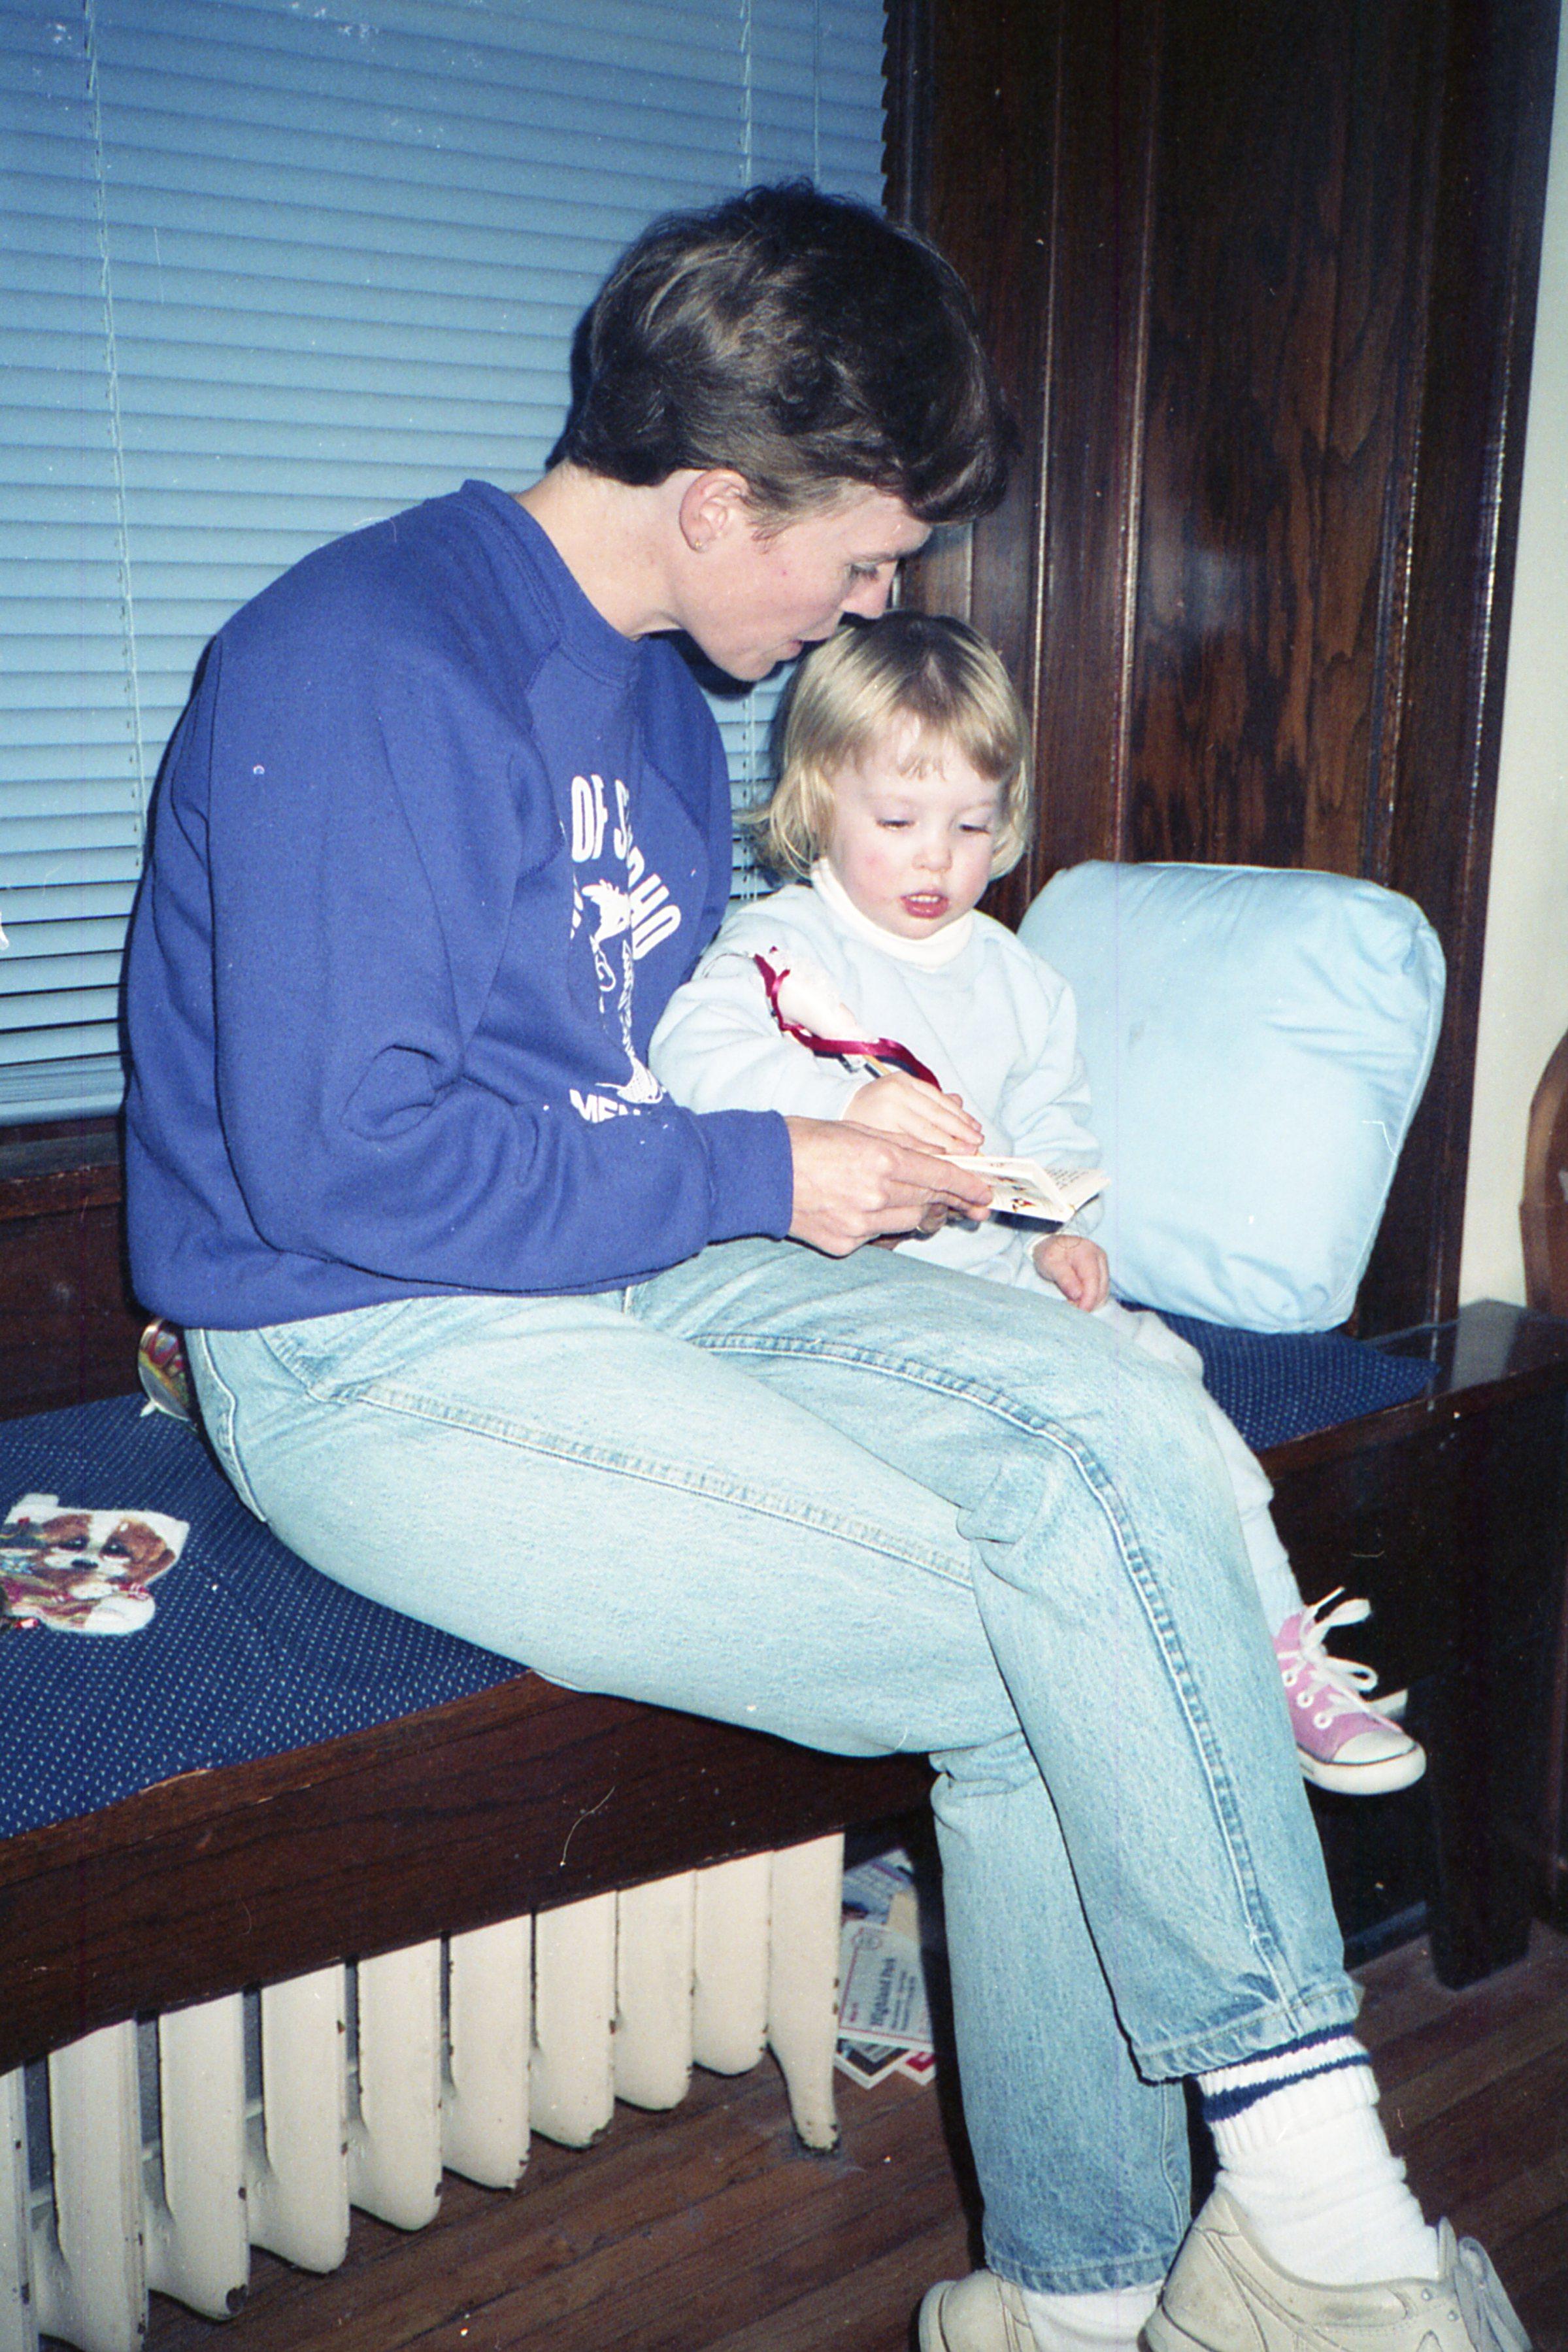 Me and my mom circa 1988.